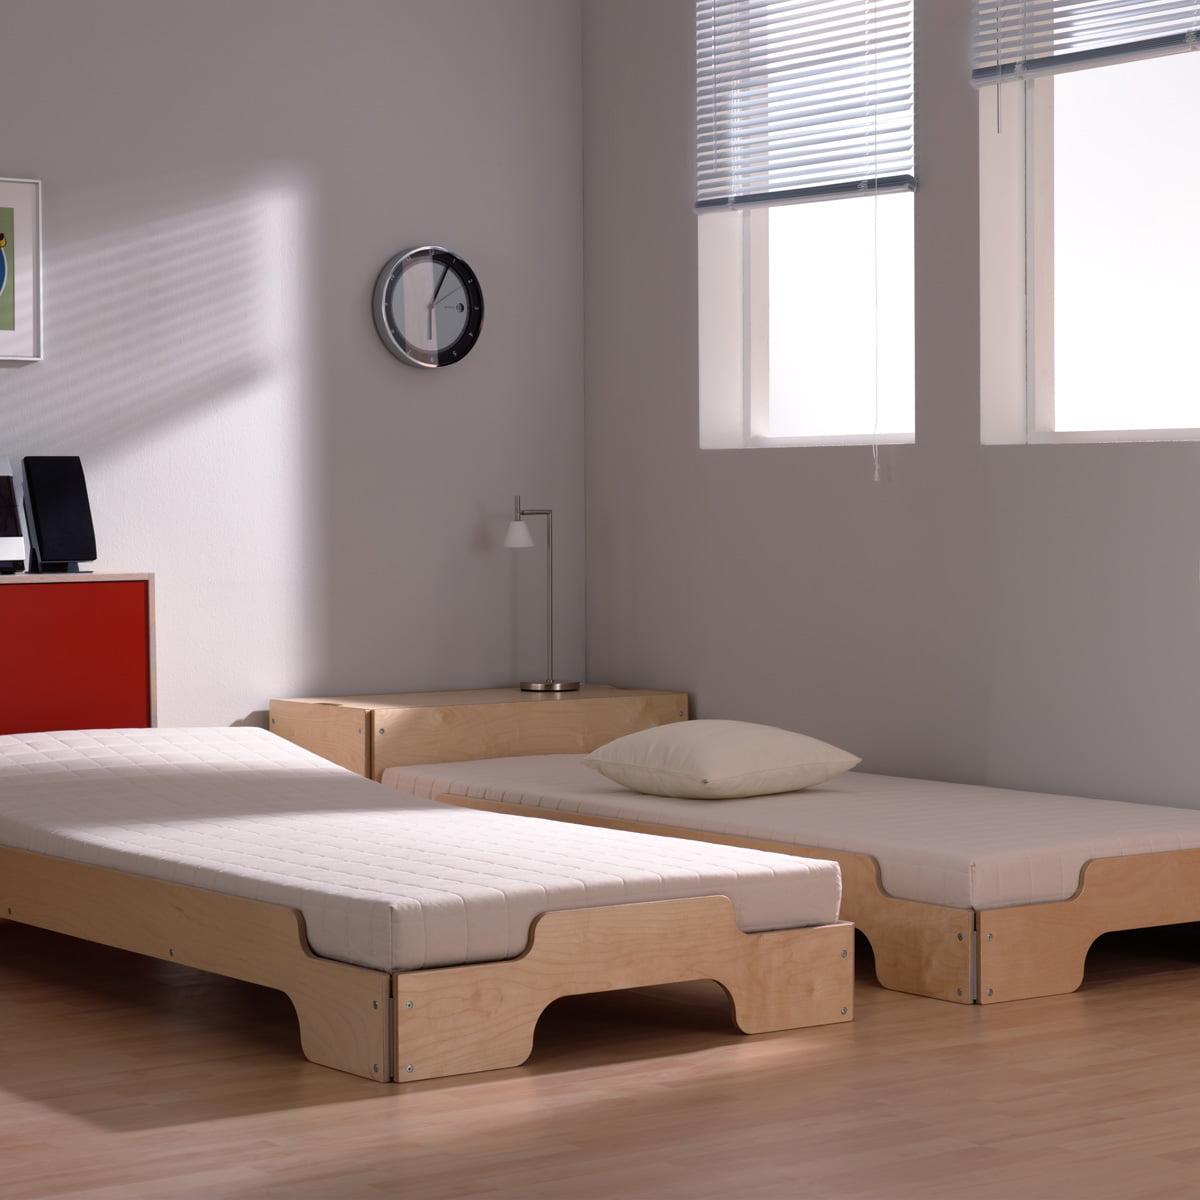 stacking bed in birch rolf heide shop. Black Bedroom Furniture Sets. Home Design Ideas